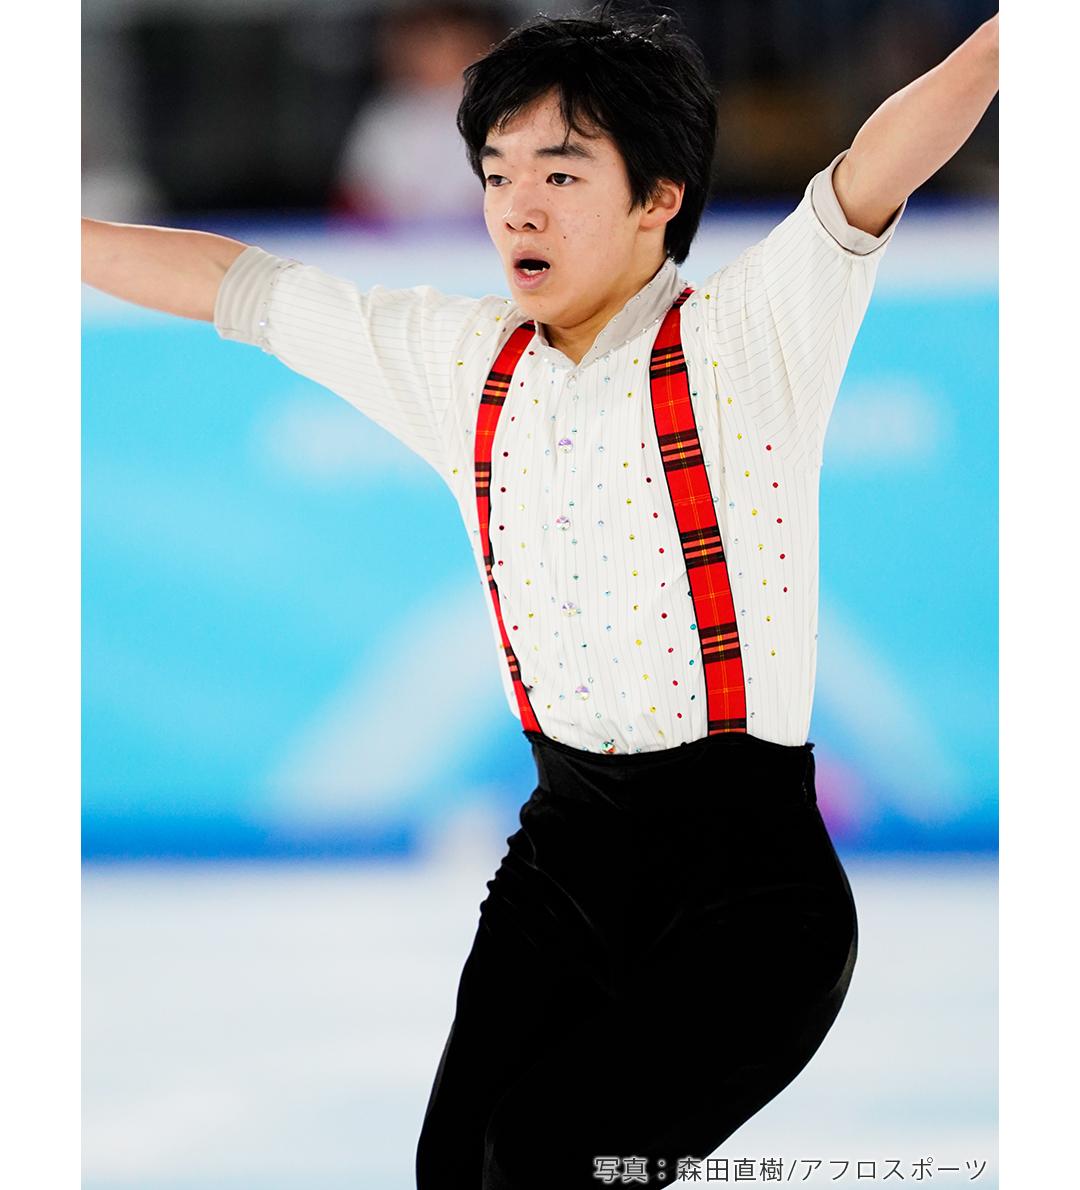 フリープログラム「タッカー」の演技を終えたフィギュアスケート男子シングル鍵山優真選手